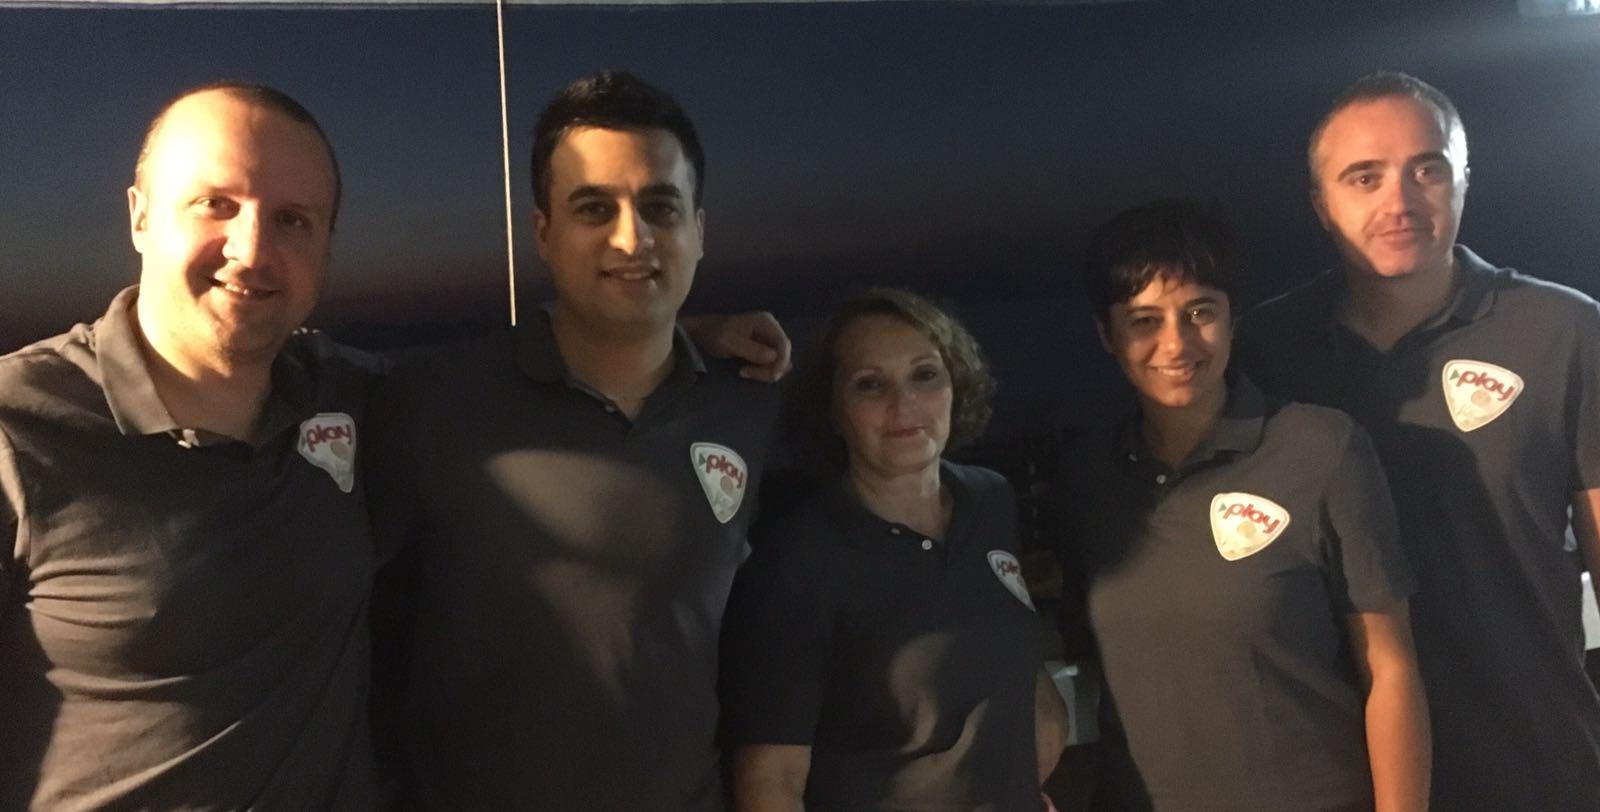 (Dirigente), Manuel Torre (Vice-Presidente), Nunziatina Accetta (Presidente), gli allenatori Enza Torre e Domenico Fazio